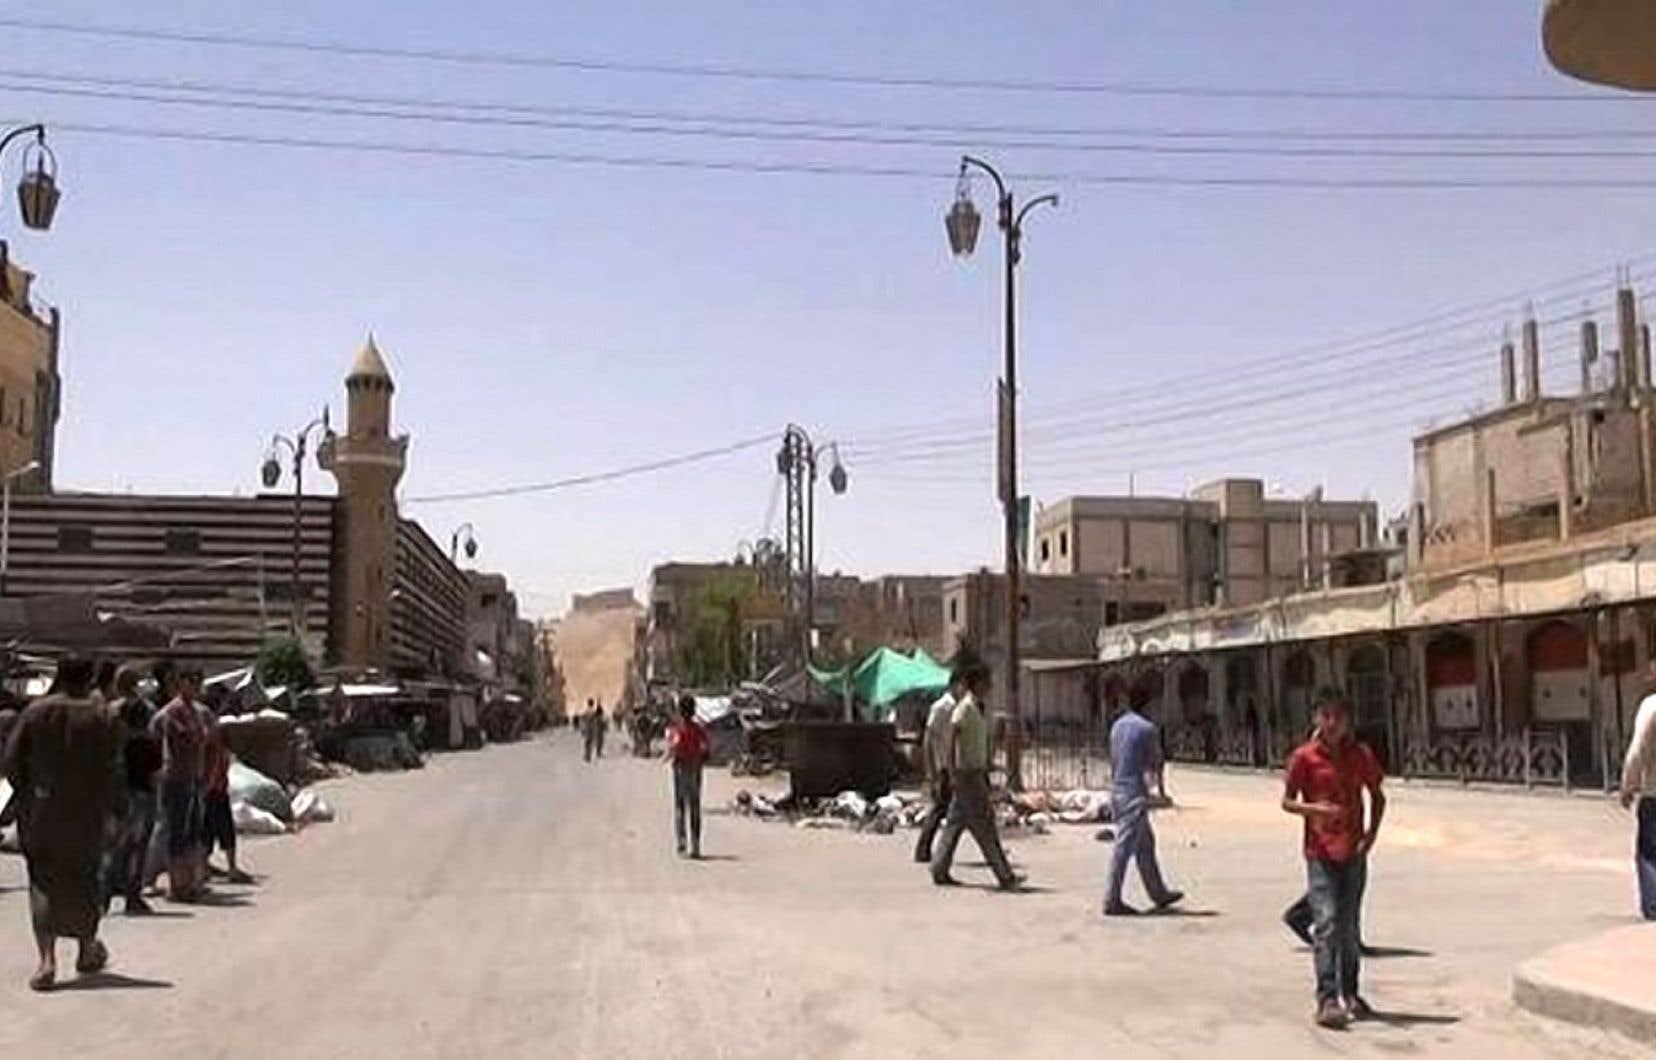 Une image tirée d'une vidéo des djihadistes montrerait des gens dans la ville de Palmyre.